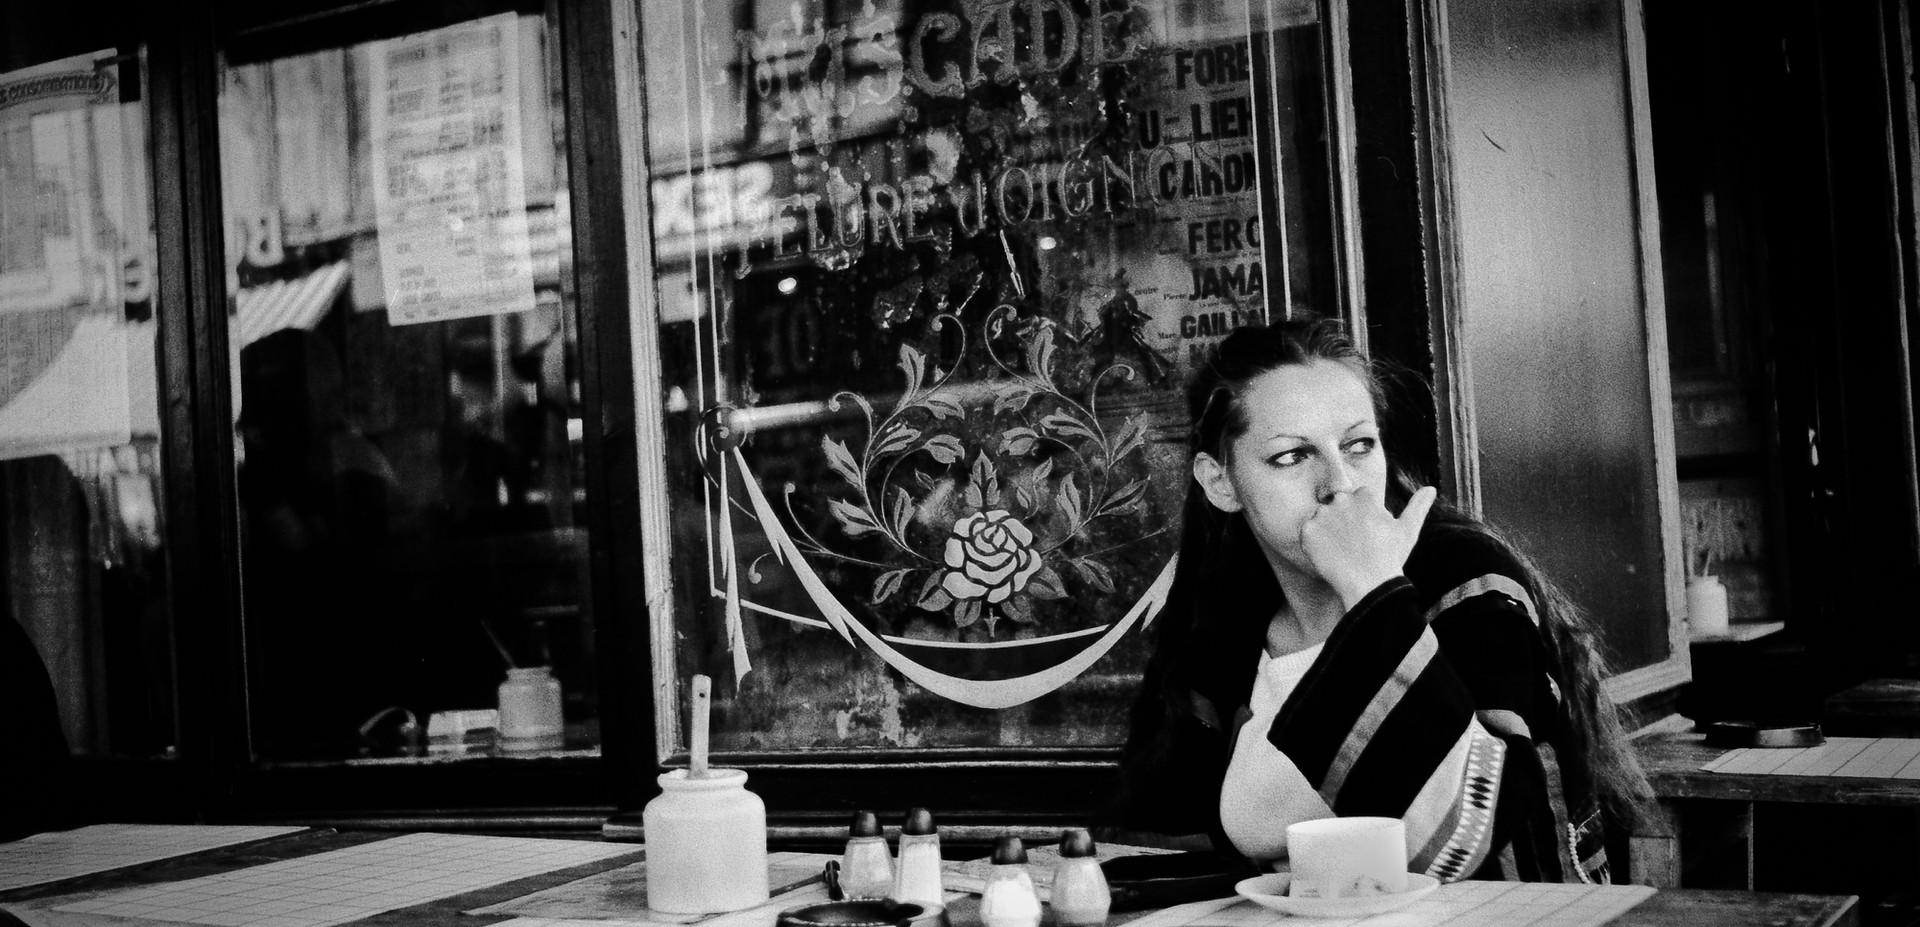 Paris, France 1985